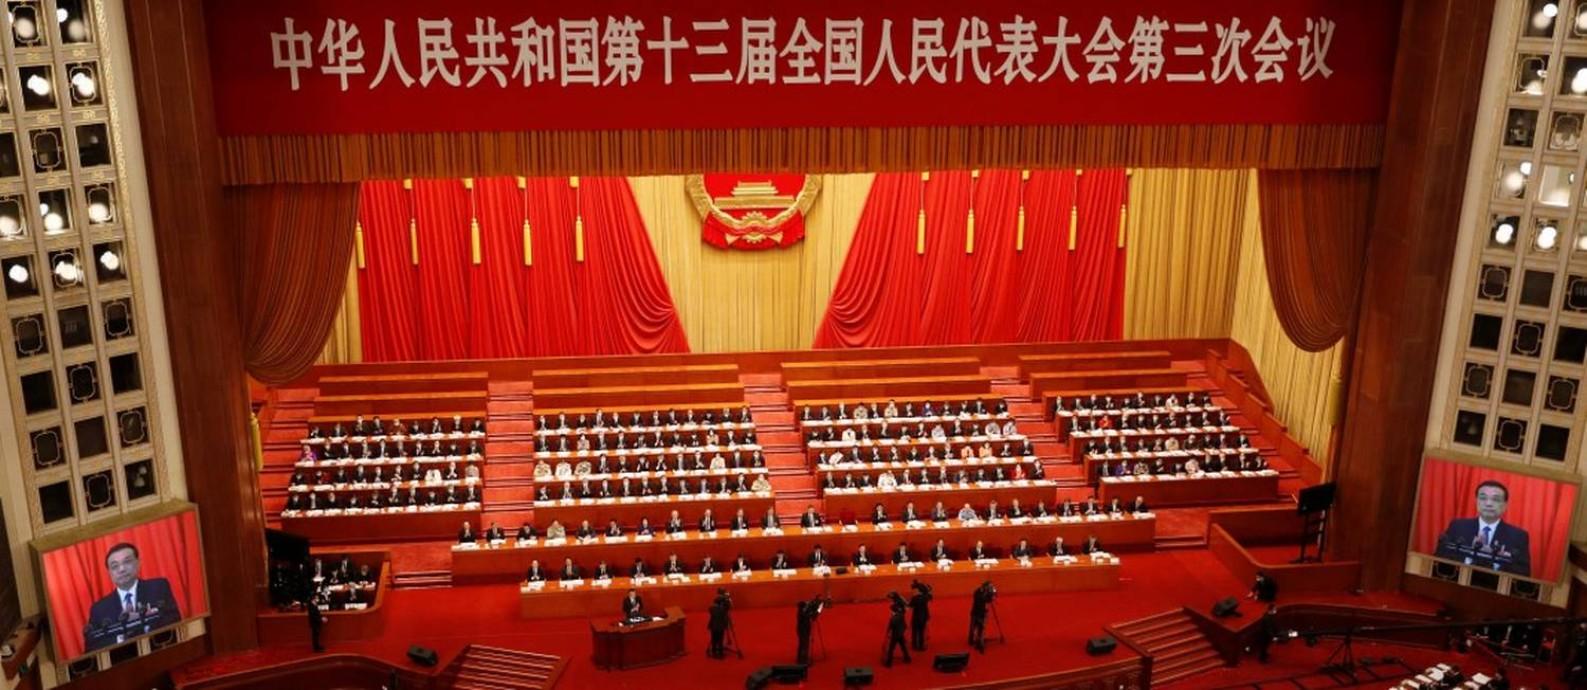 O premier chinês Li Keqiang discursa na abertura do Congresso Nacional do Povo, que acontece com dois meses de atraso devido à pandemia Foto: CARLOS GARCIA RAWLINS / REUTERS